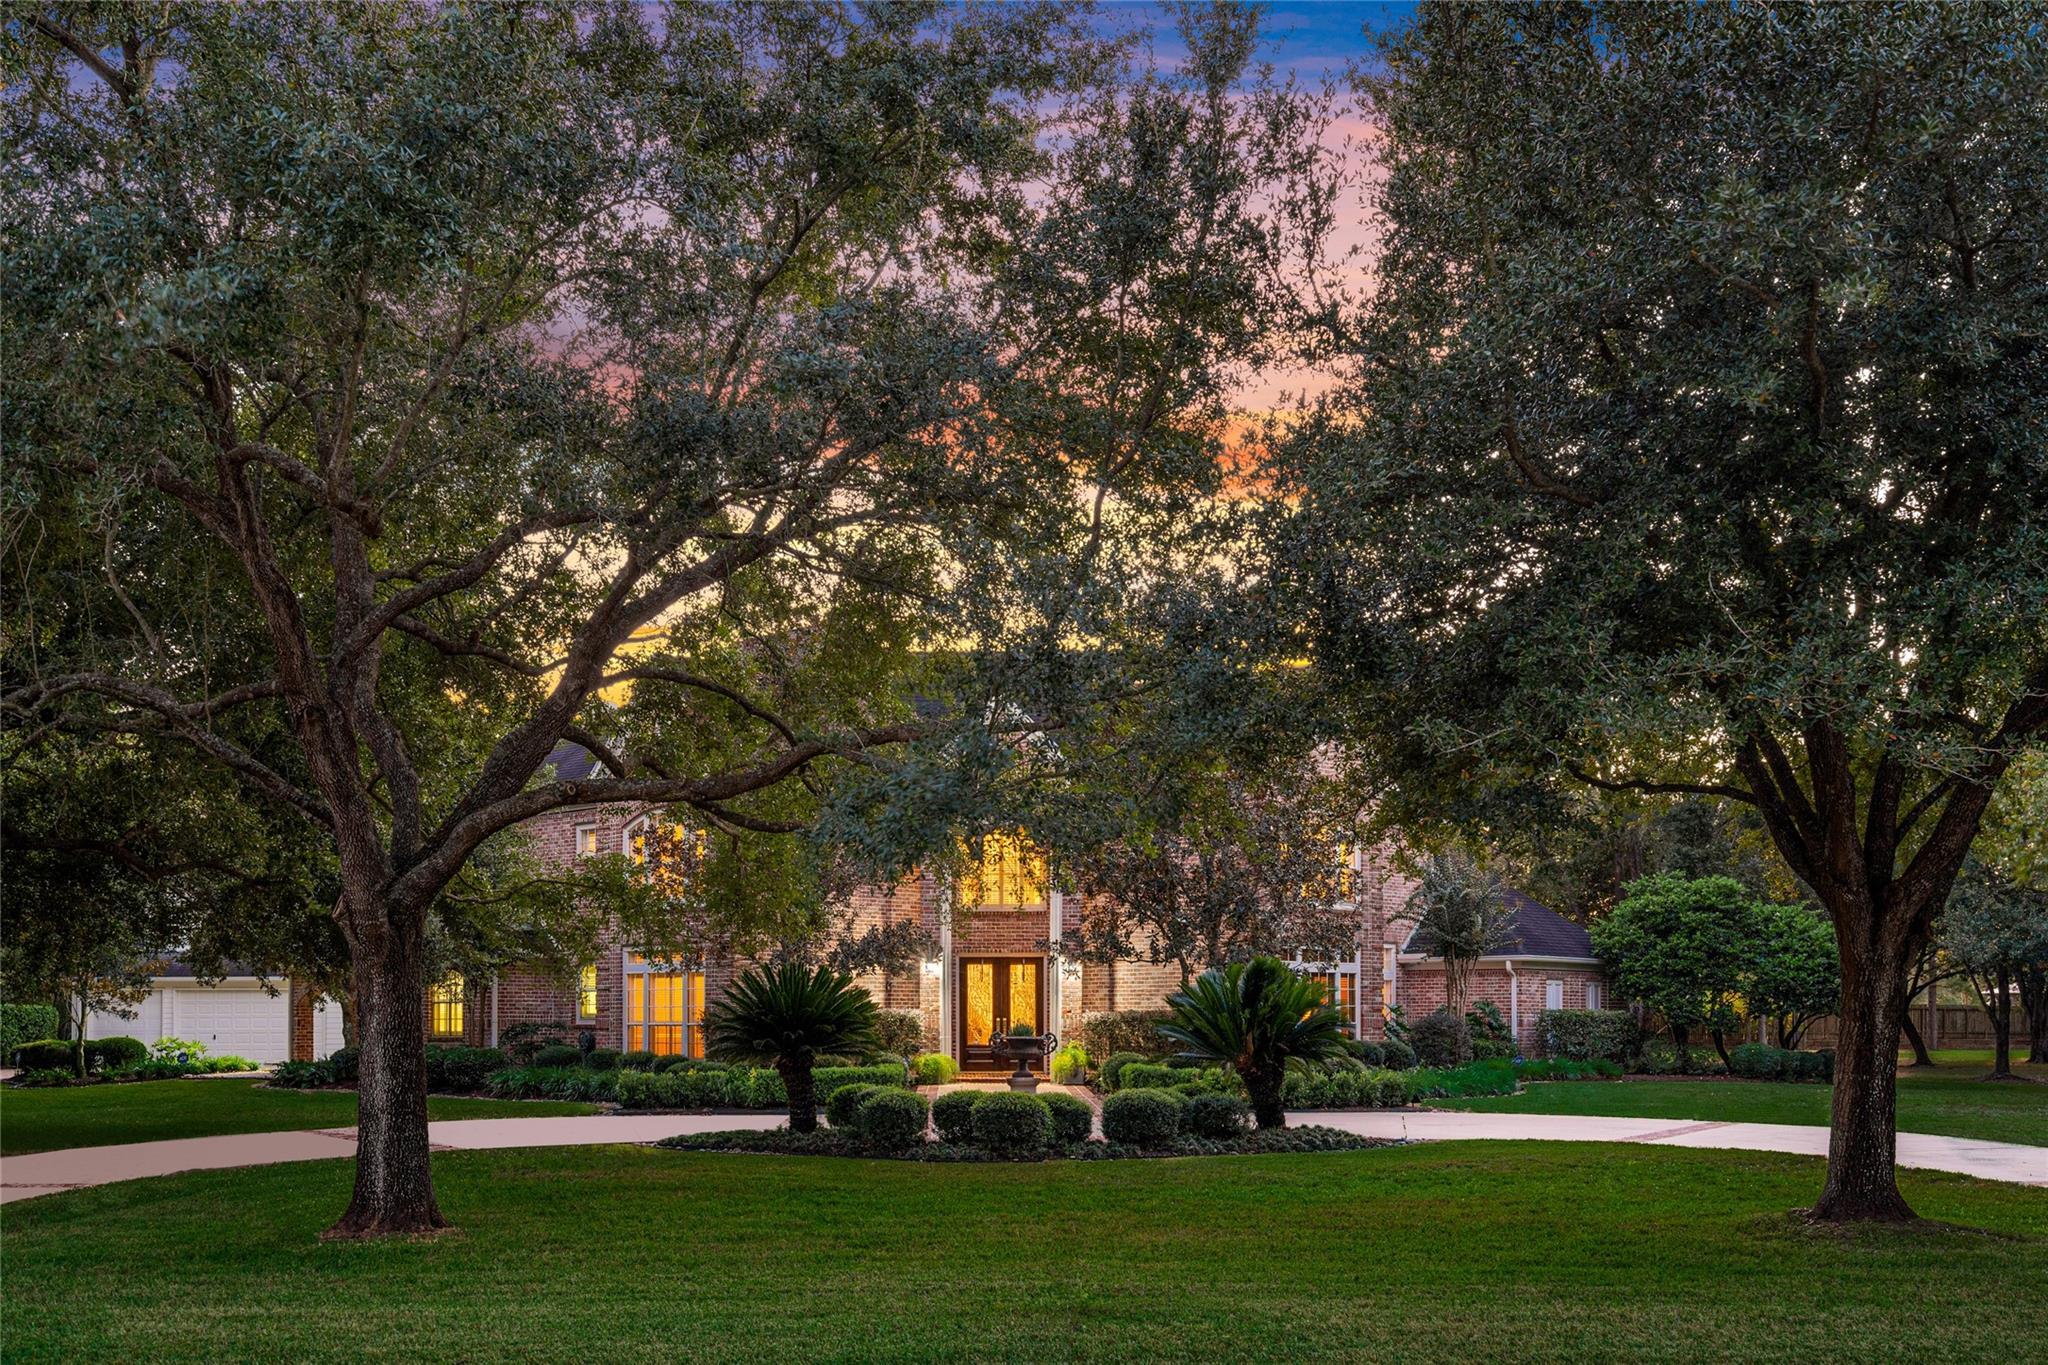 3012 S Saddlebrook Lane Property Photo - Katy, TX real estate listing